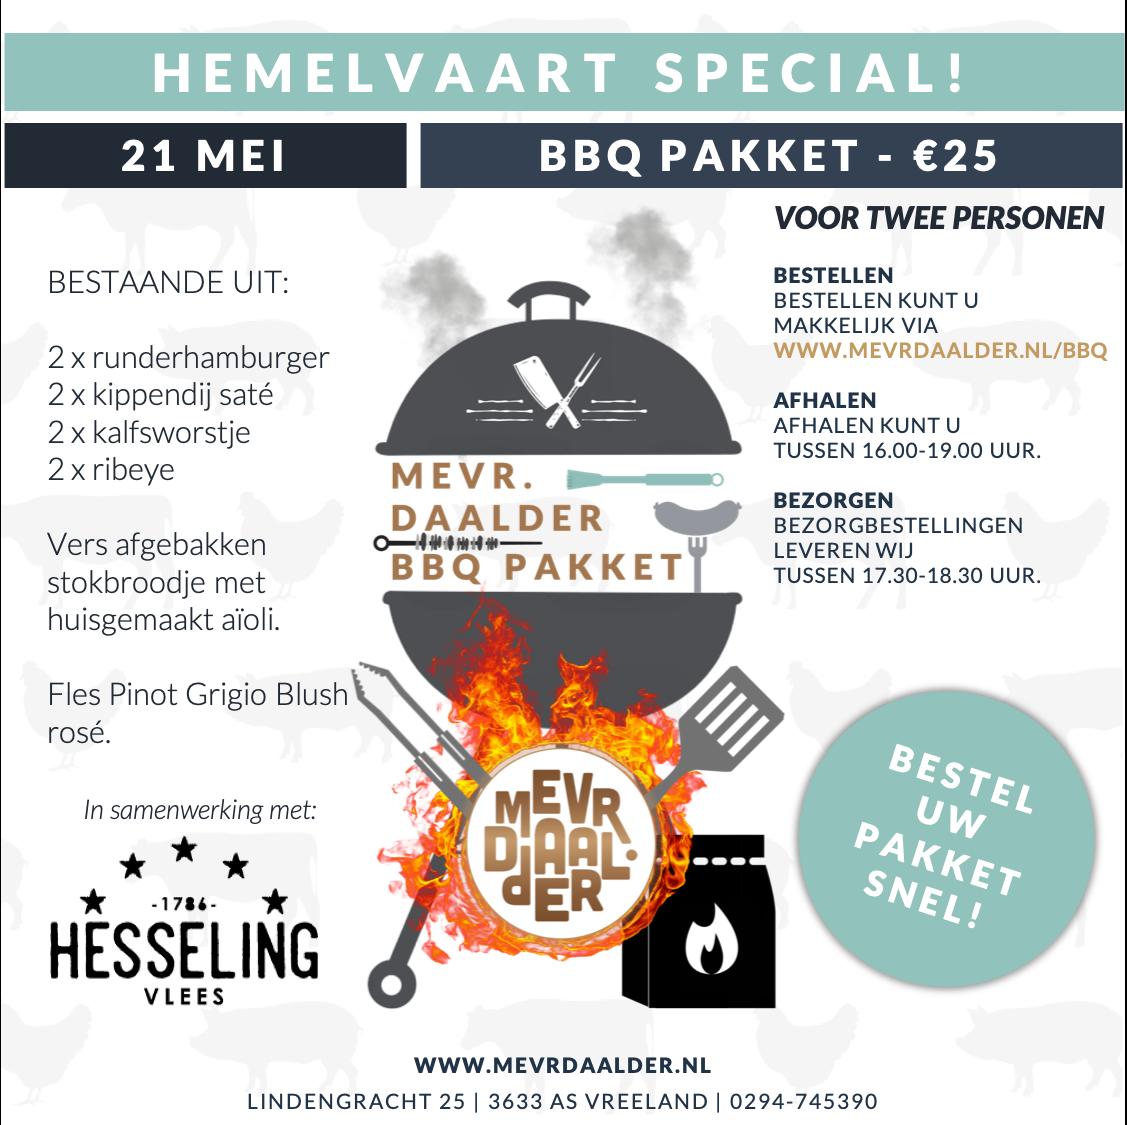 Mevr. Daalder - Take Away - Hemelvaart special - BBQ pakket